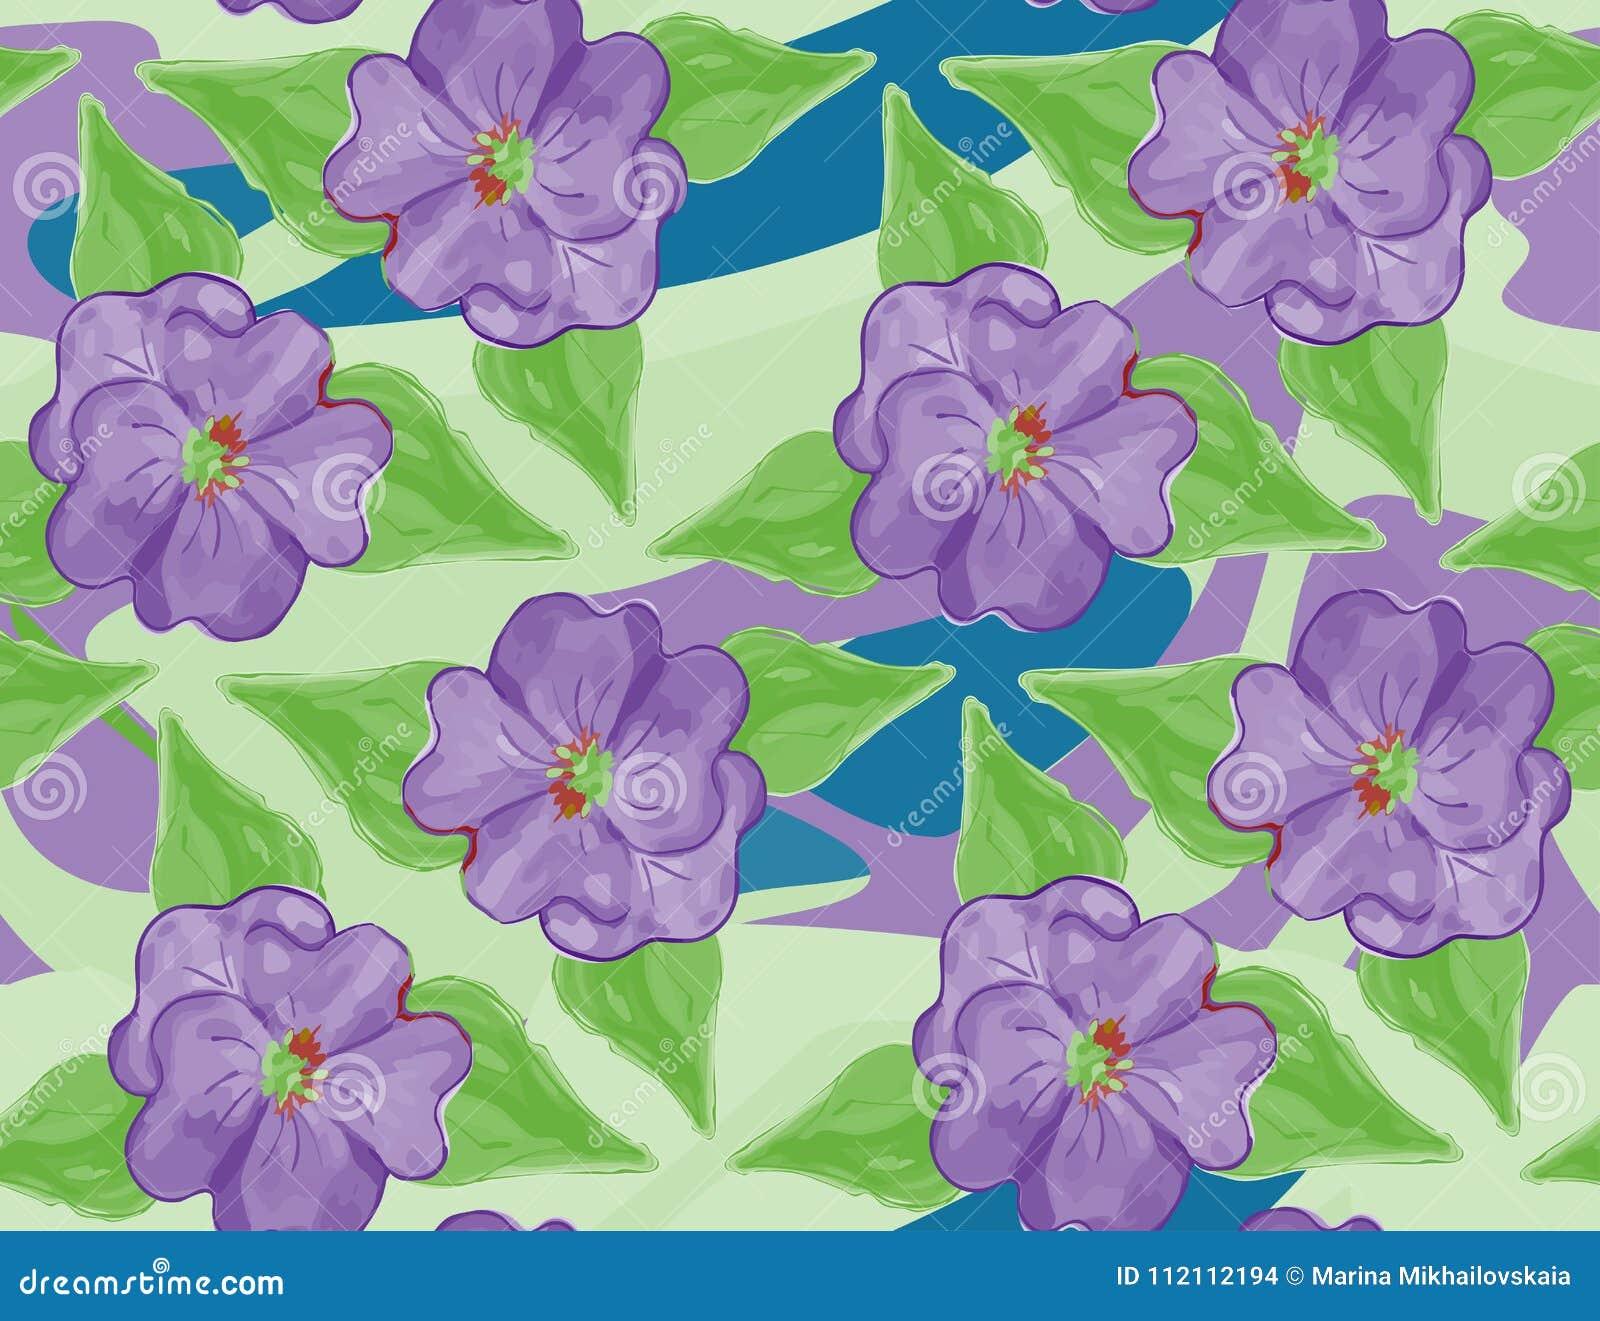 Estampado De Flores Inconsutil Para El Papel Pintado Tela Papel